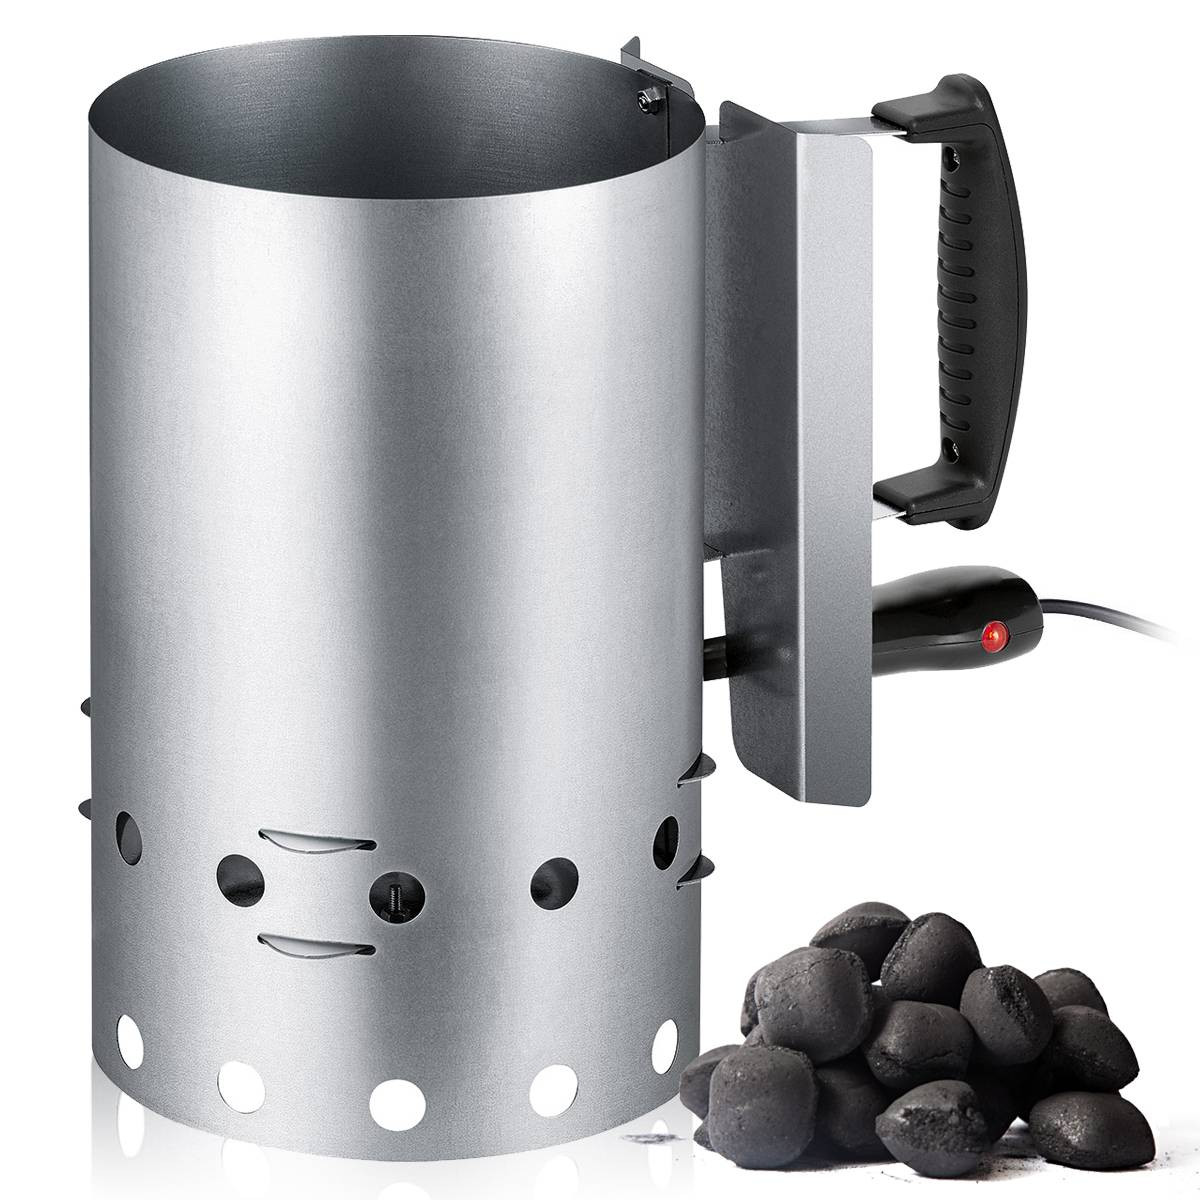 Encendedor eléctrico de barbacoa para carbón o briquetas